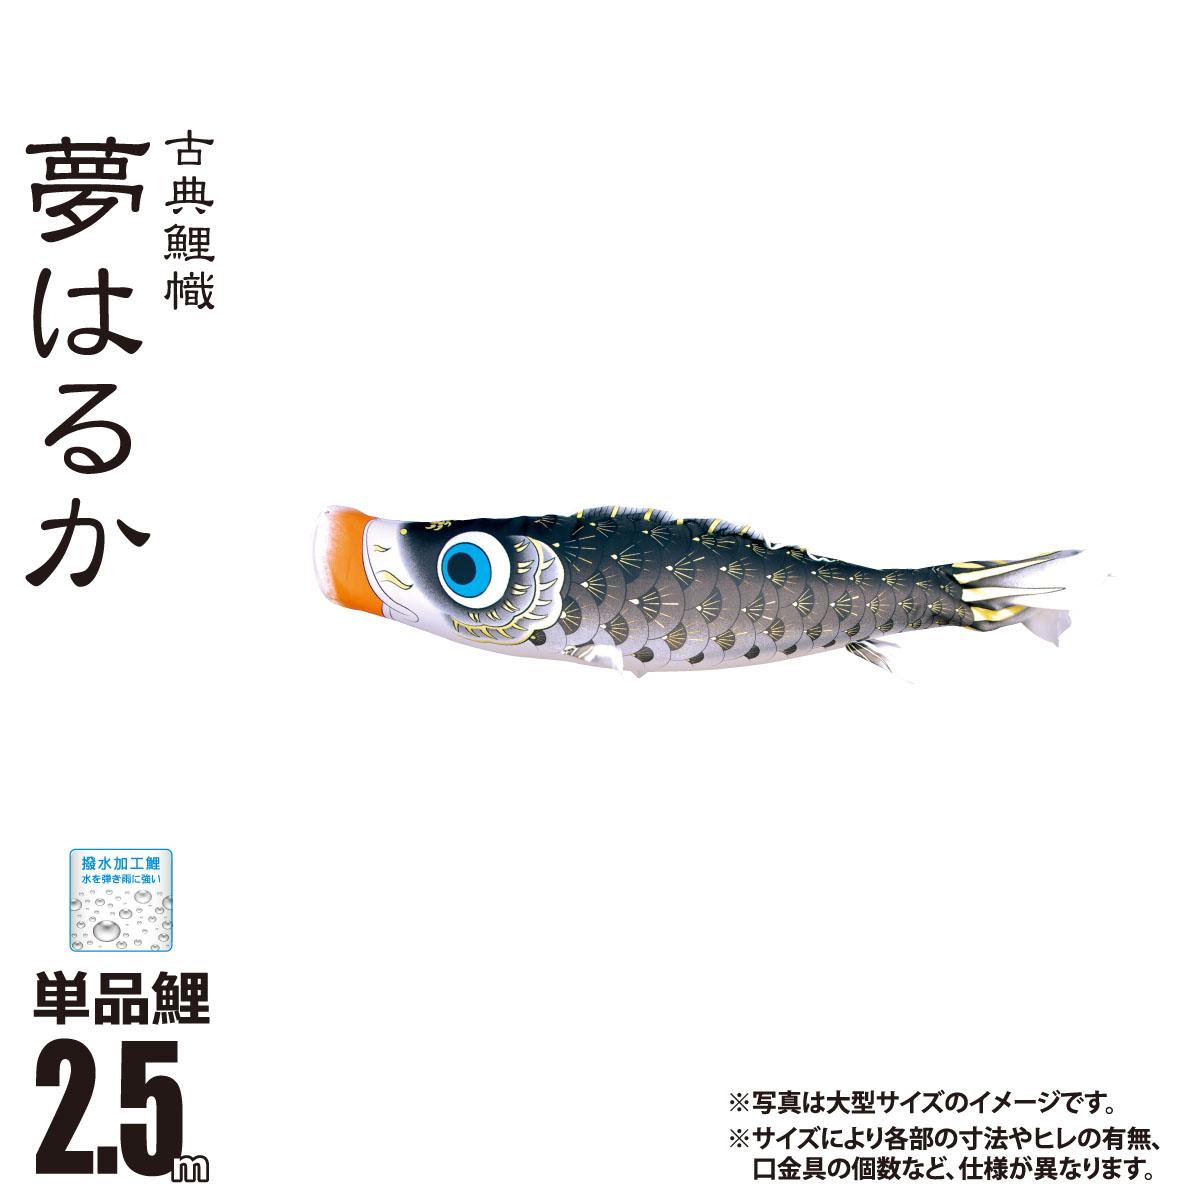 【鯉のぼり 単品 (一匹単位) 販売】夢はるか鯉 2.5m 口金具付き選択可能カラー:黒鯉ポリエステルメロンアムンゼン生地 撥水(はっ水)加工徳永鯉のぼり こいのぼり KOI-TPK-001-643 送料無料 ※北海道 沖縄除く